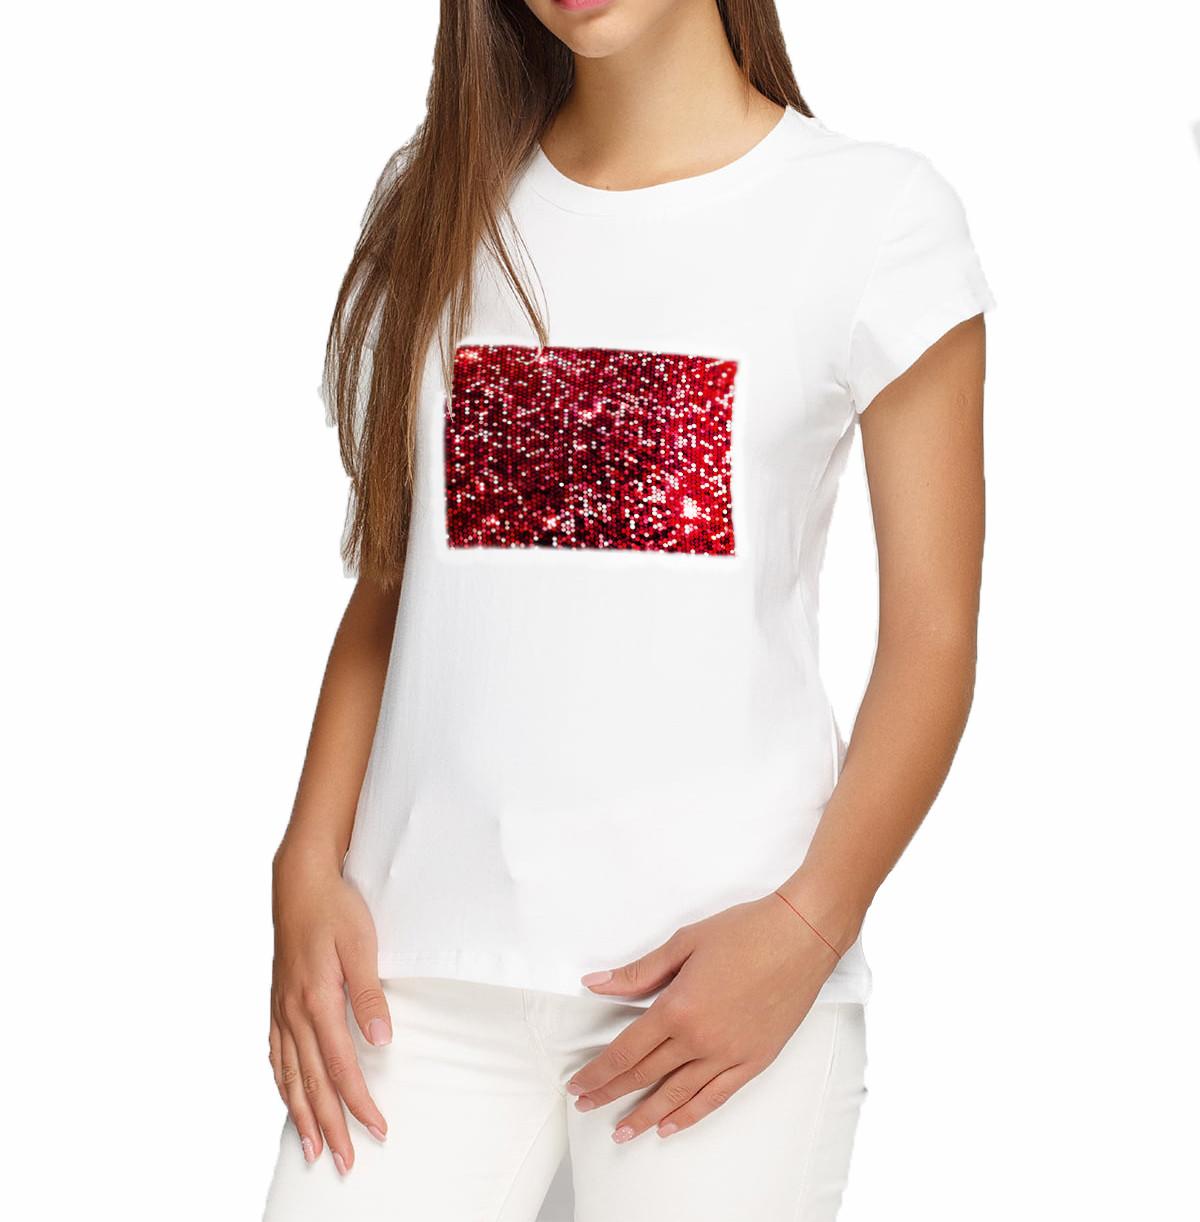 Женская футболка XL с пайетками цв. КРАСНЫЙ под сублимацию